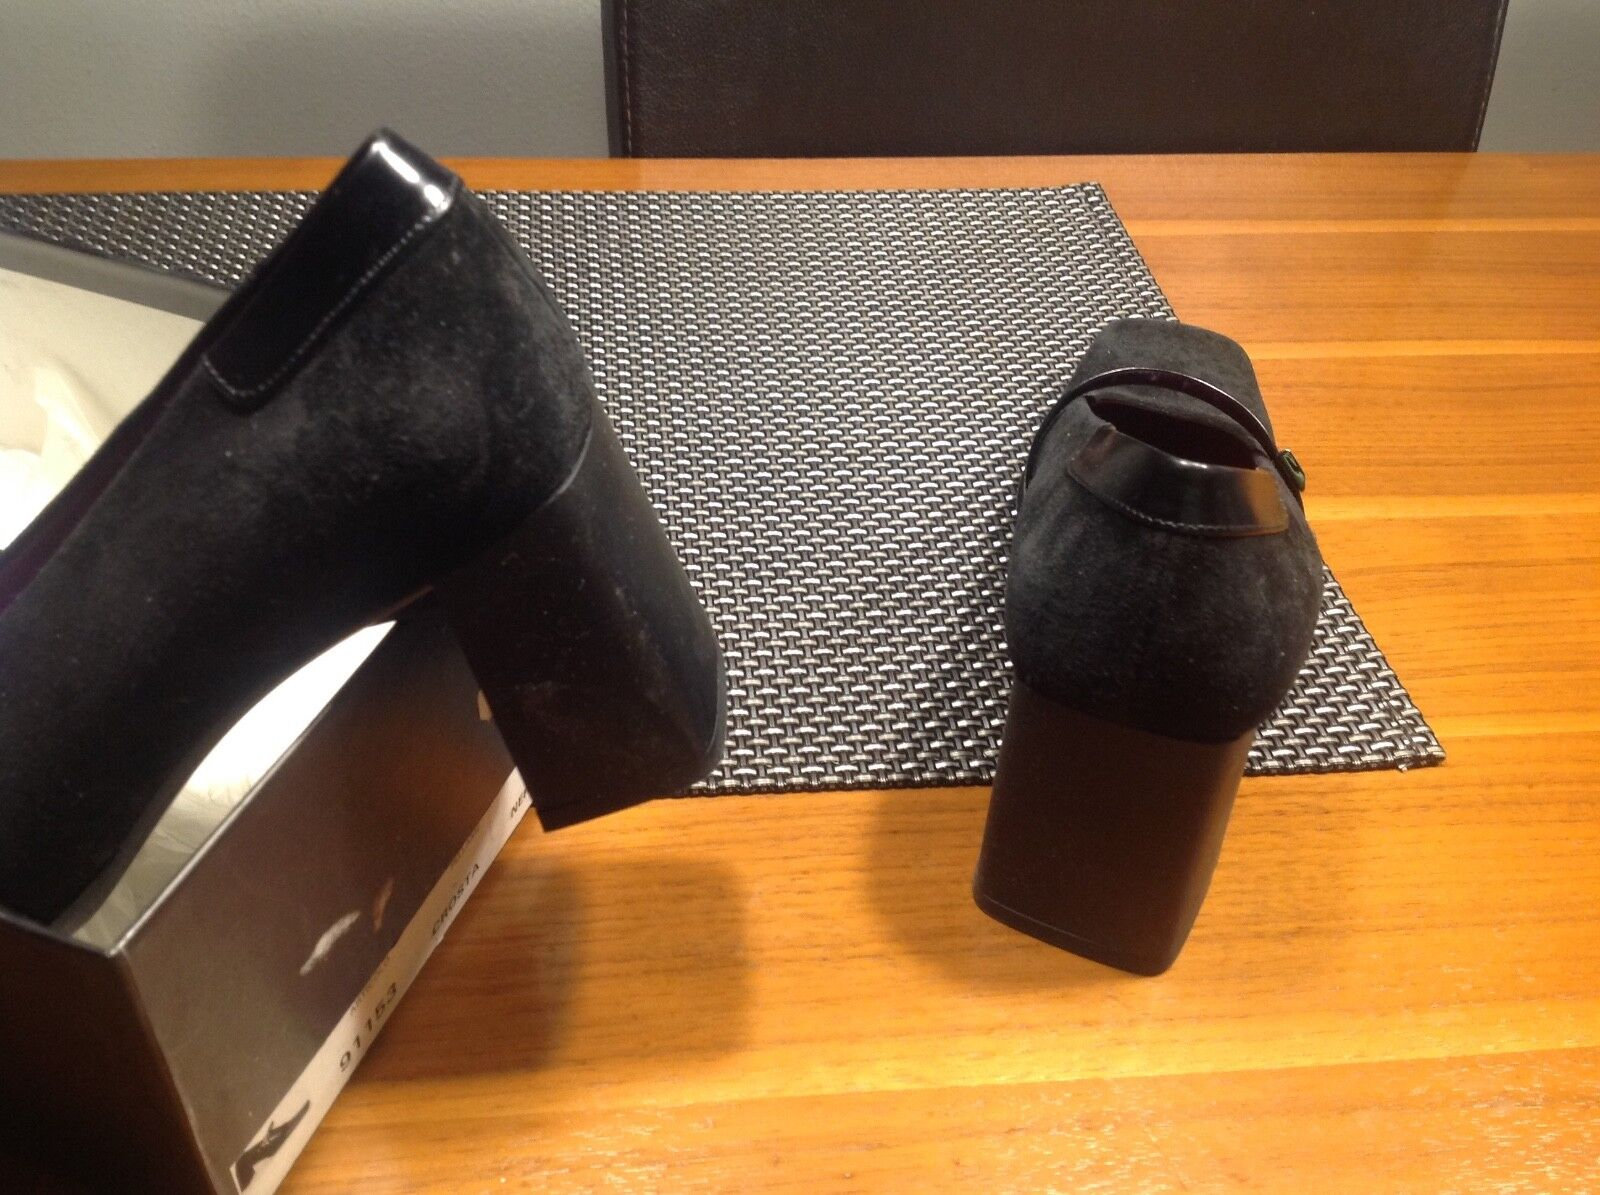 Bamar pums luxus aus italien neu vollleder vollleder vollleder 36,5 schwarz NP199 f8bca9